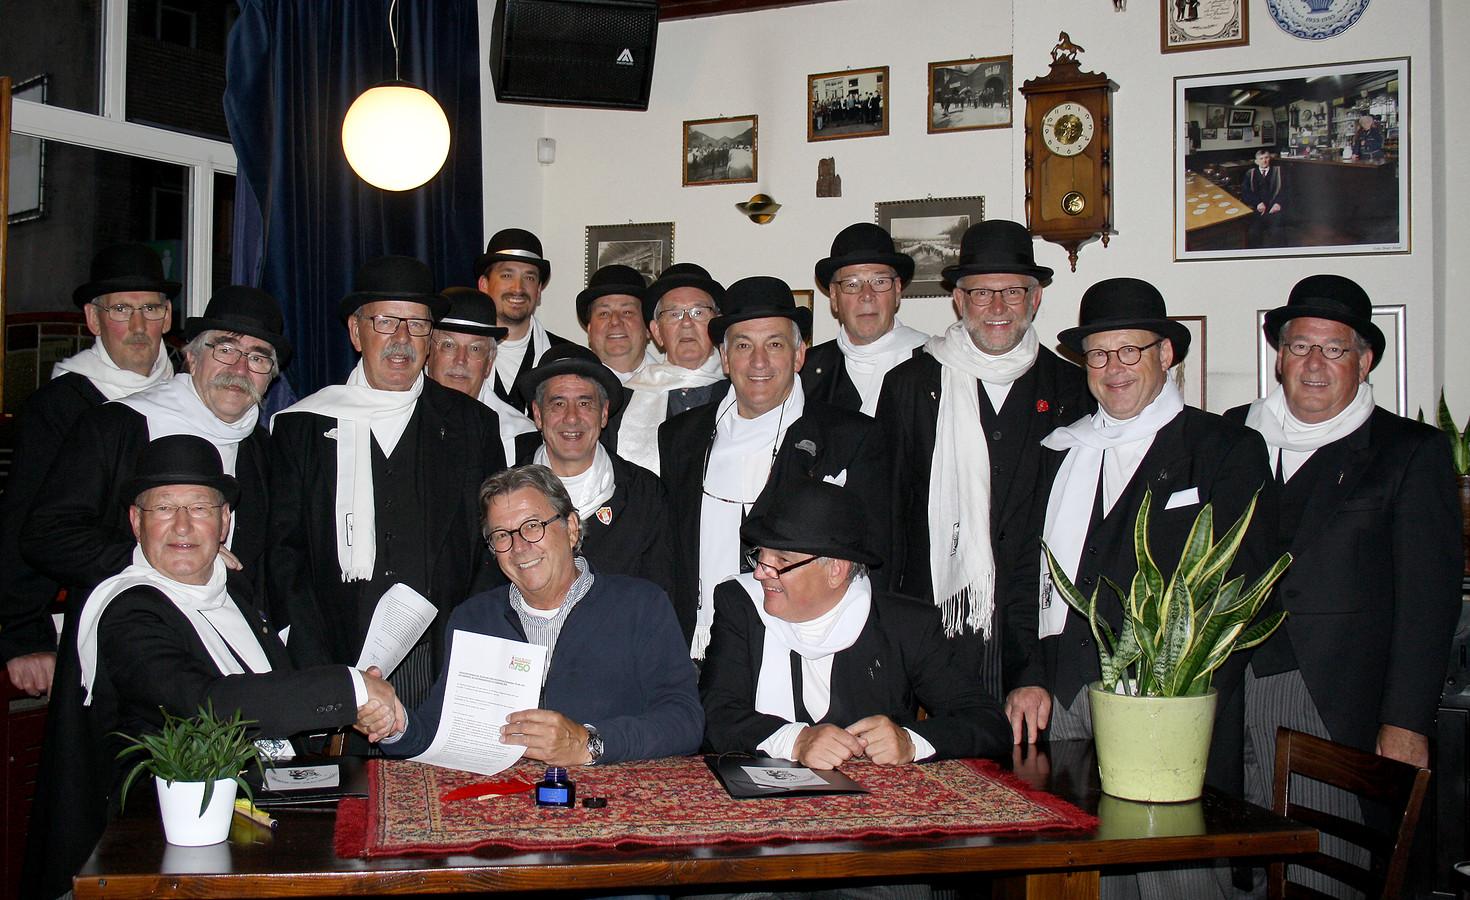 IQ Aarmoeinieke bij de ondertekening van overeenkomst met de Stichting Roosendaal 750 jaar met voorzitter Cor Verbogt.